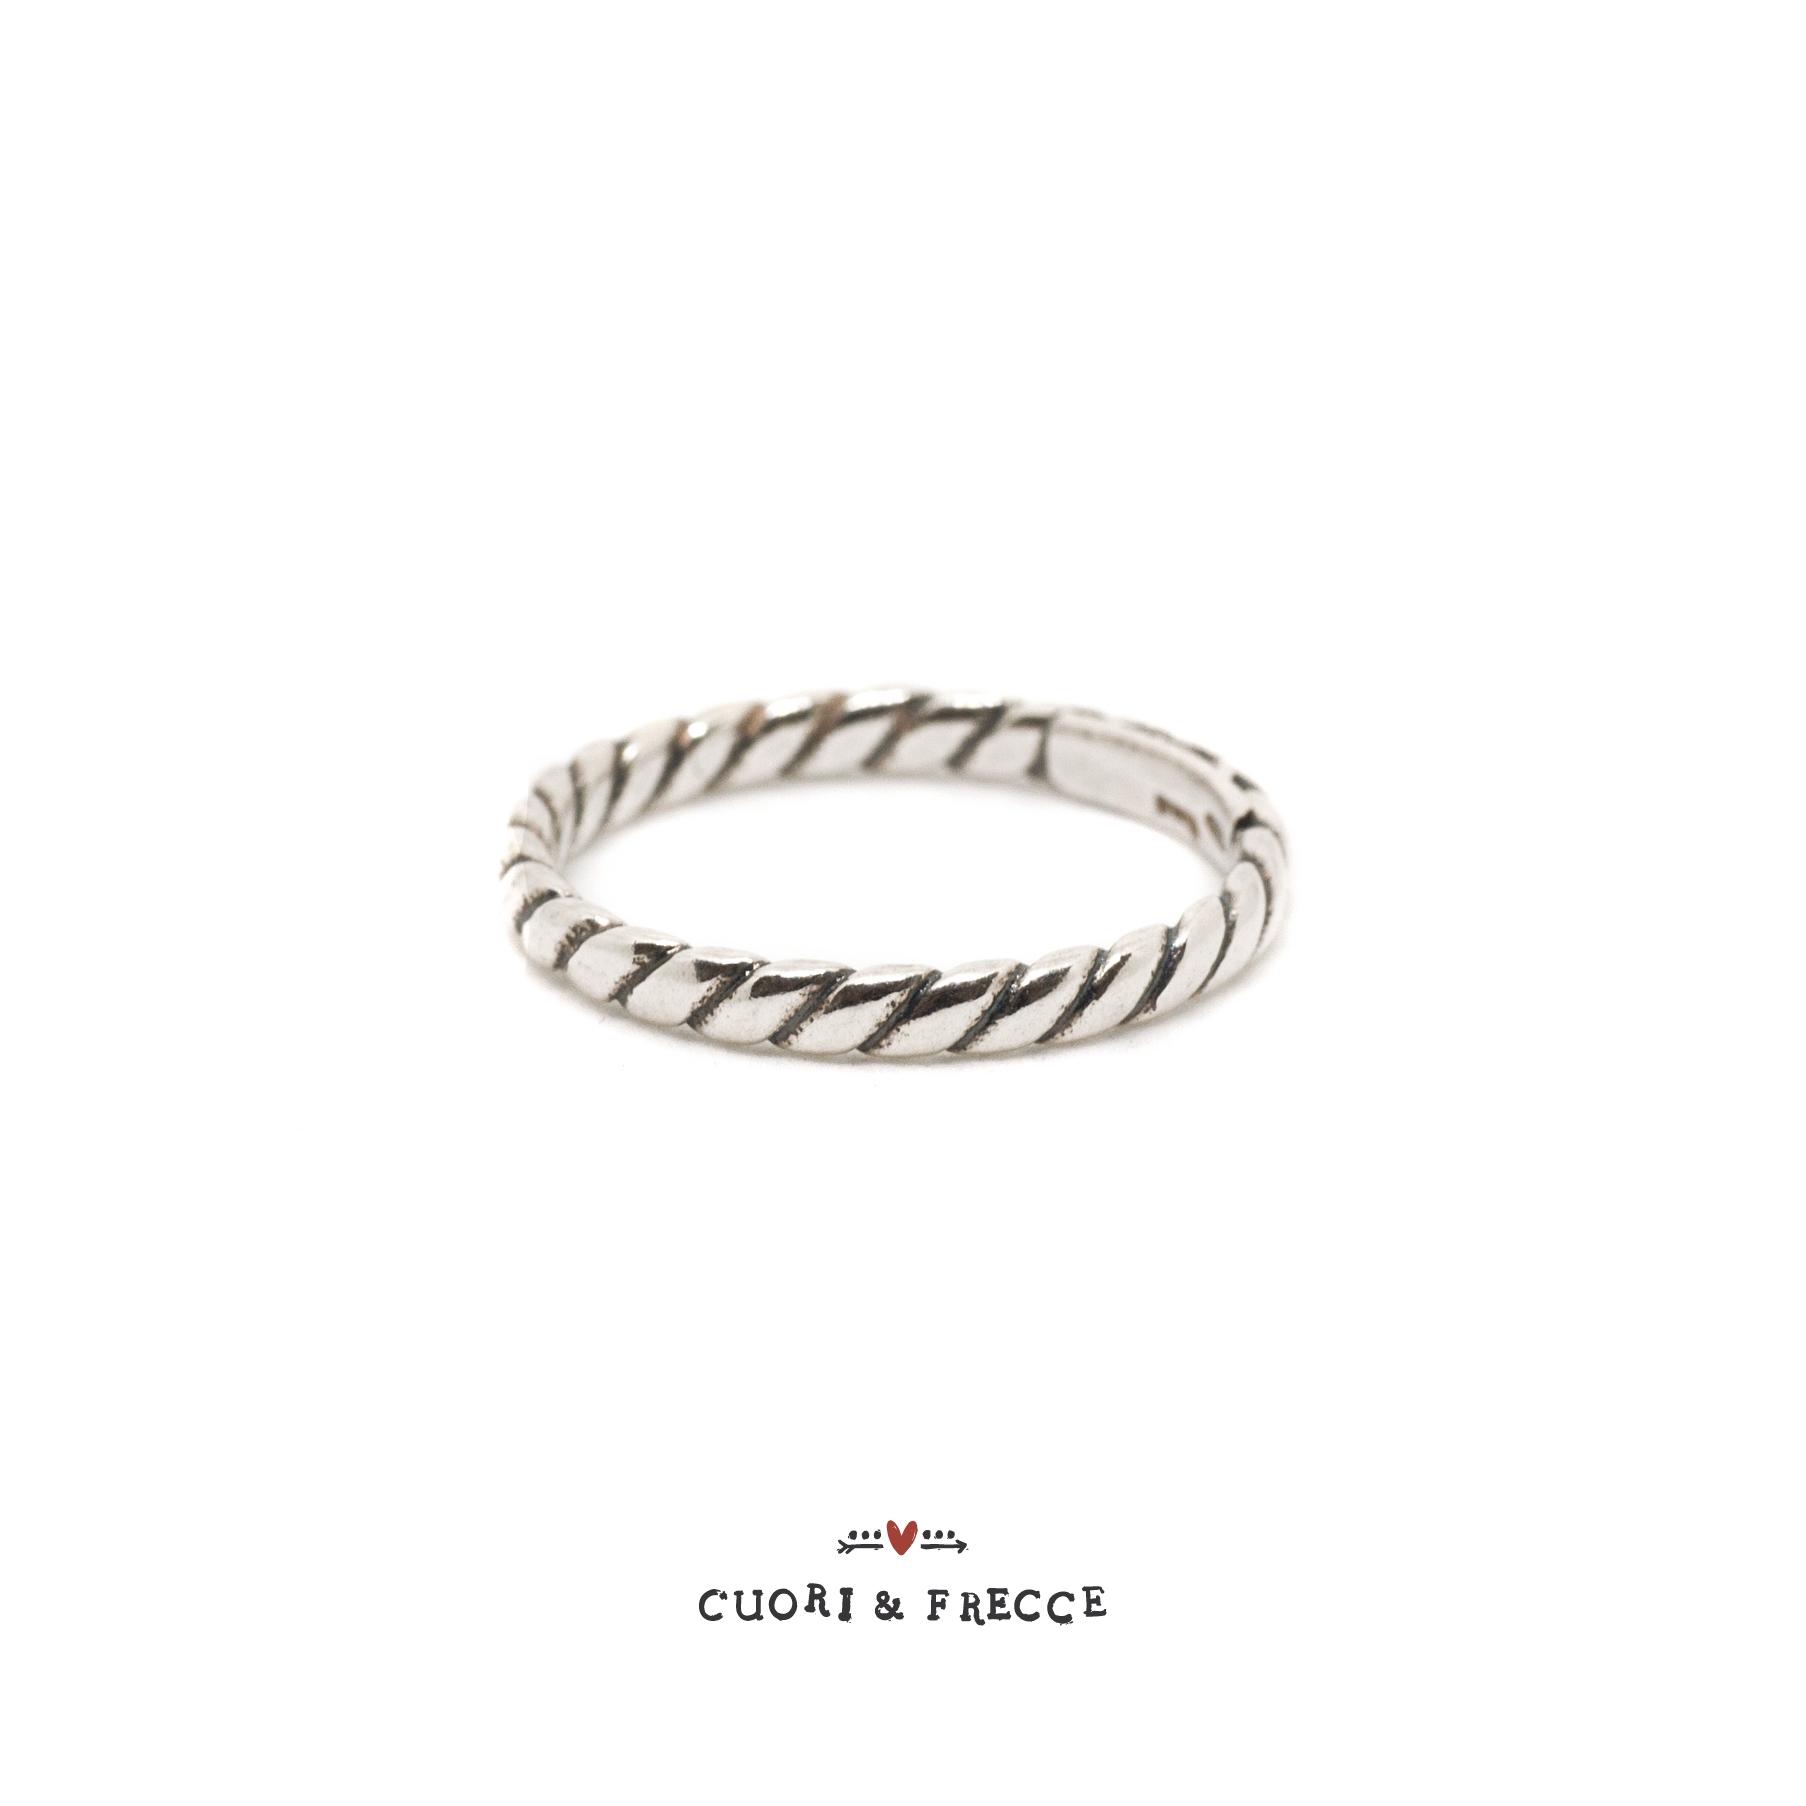 CUORI&FRECCE - TRECCIA TONDA